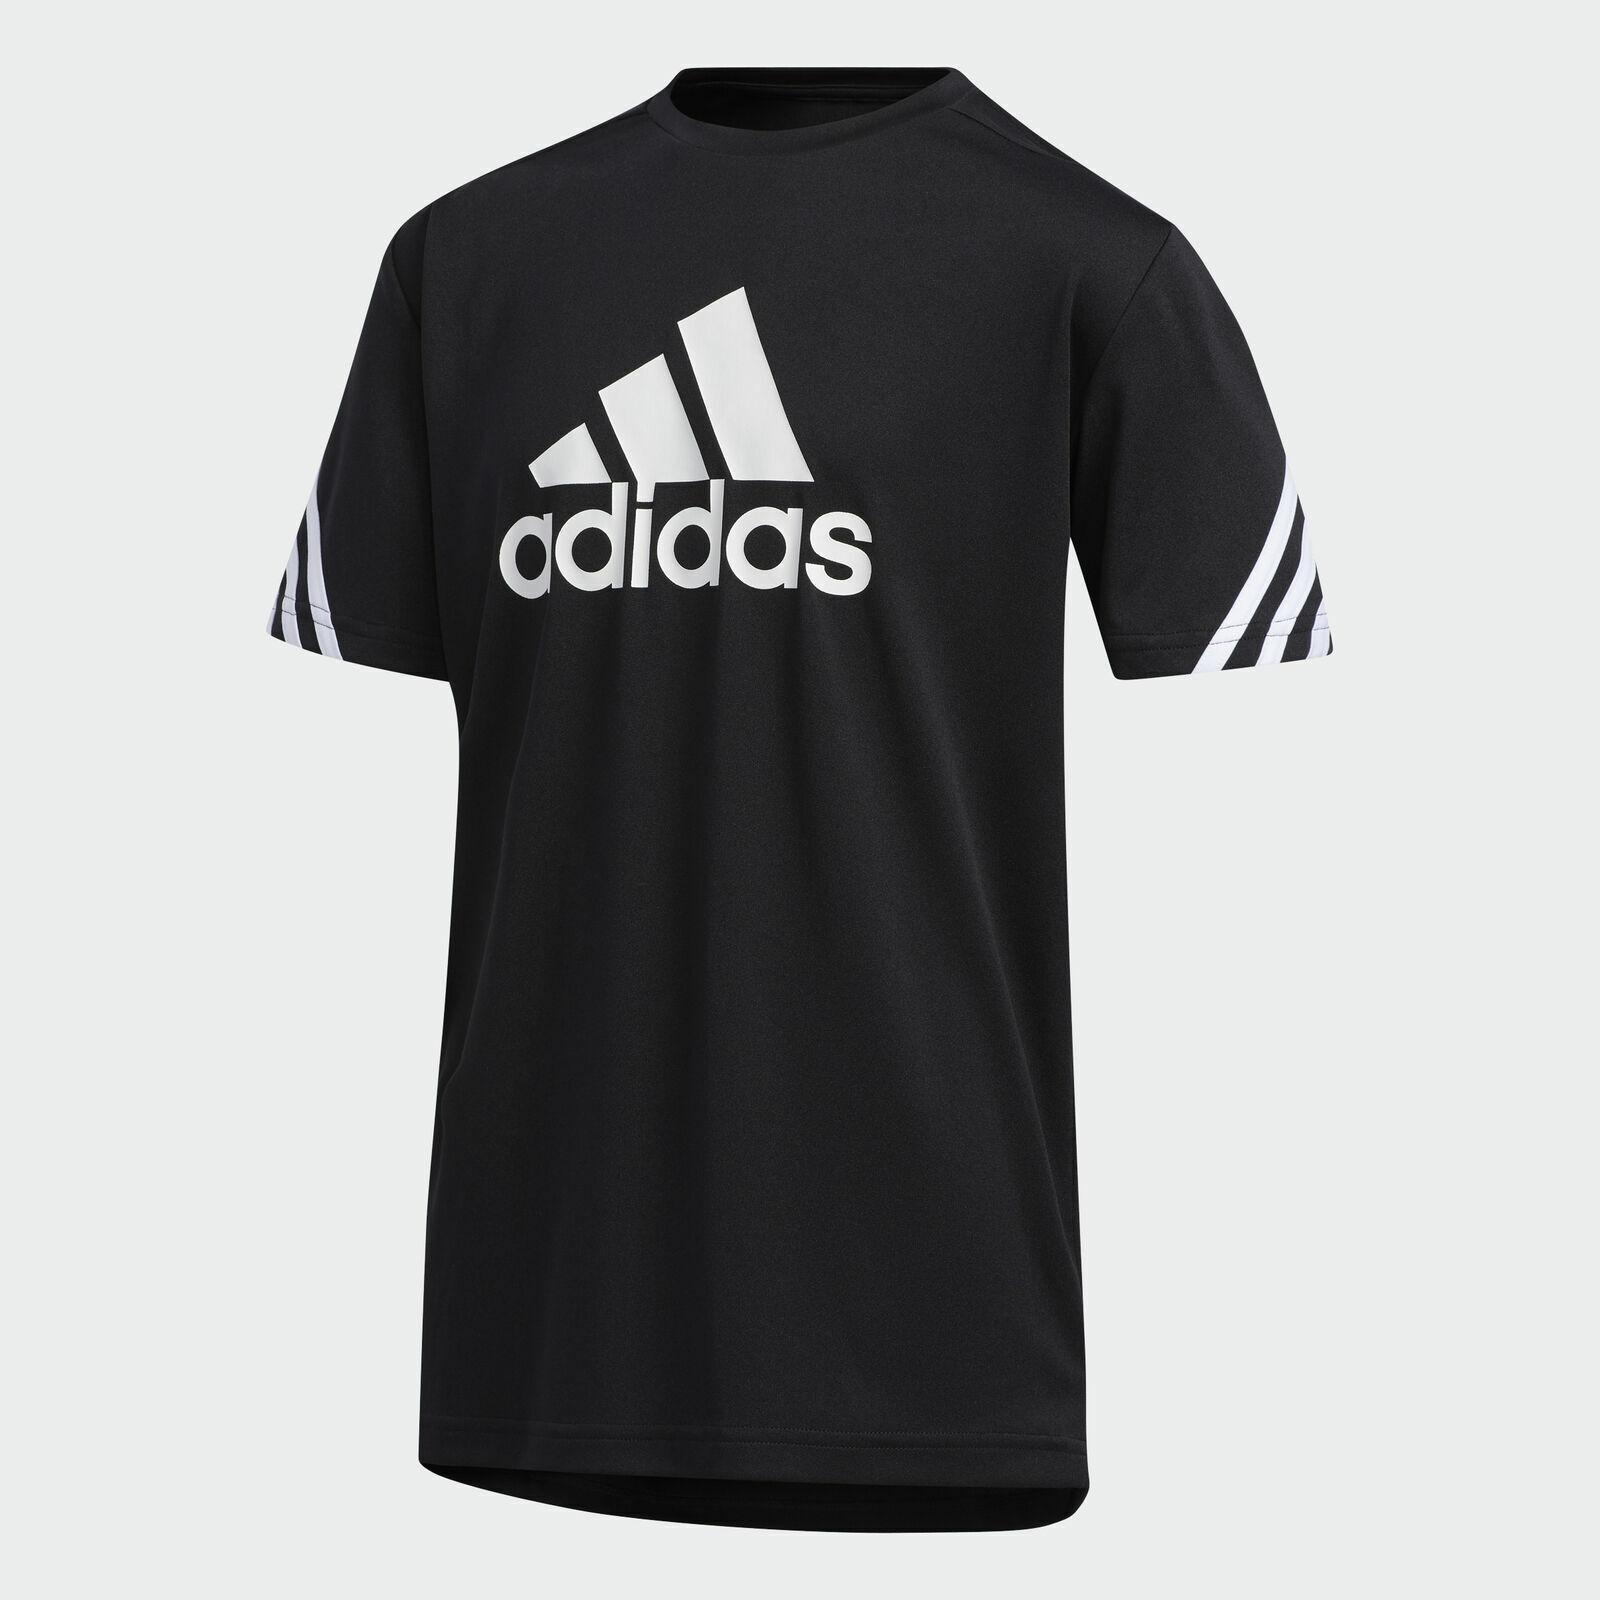 adidas Big Logo White 3-Stripes Short Sleeve Black Tee Big B